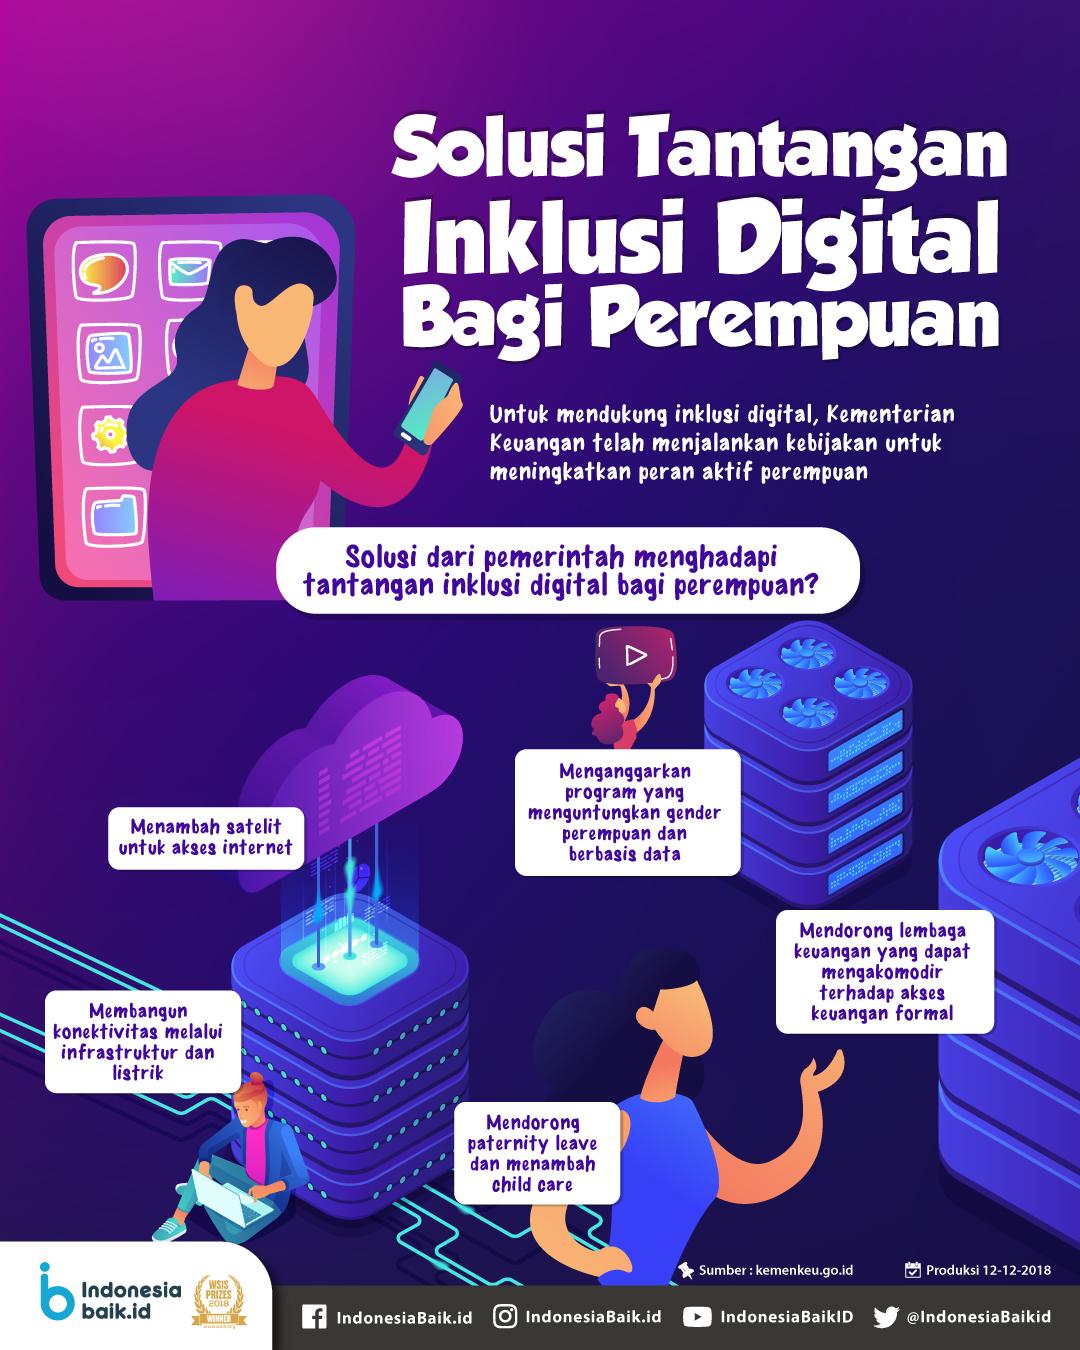 Solusi Tantangan Inklusi Digital Bagi Perempuan